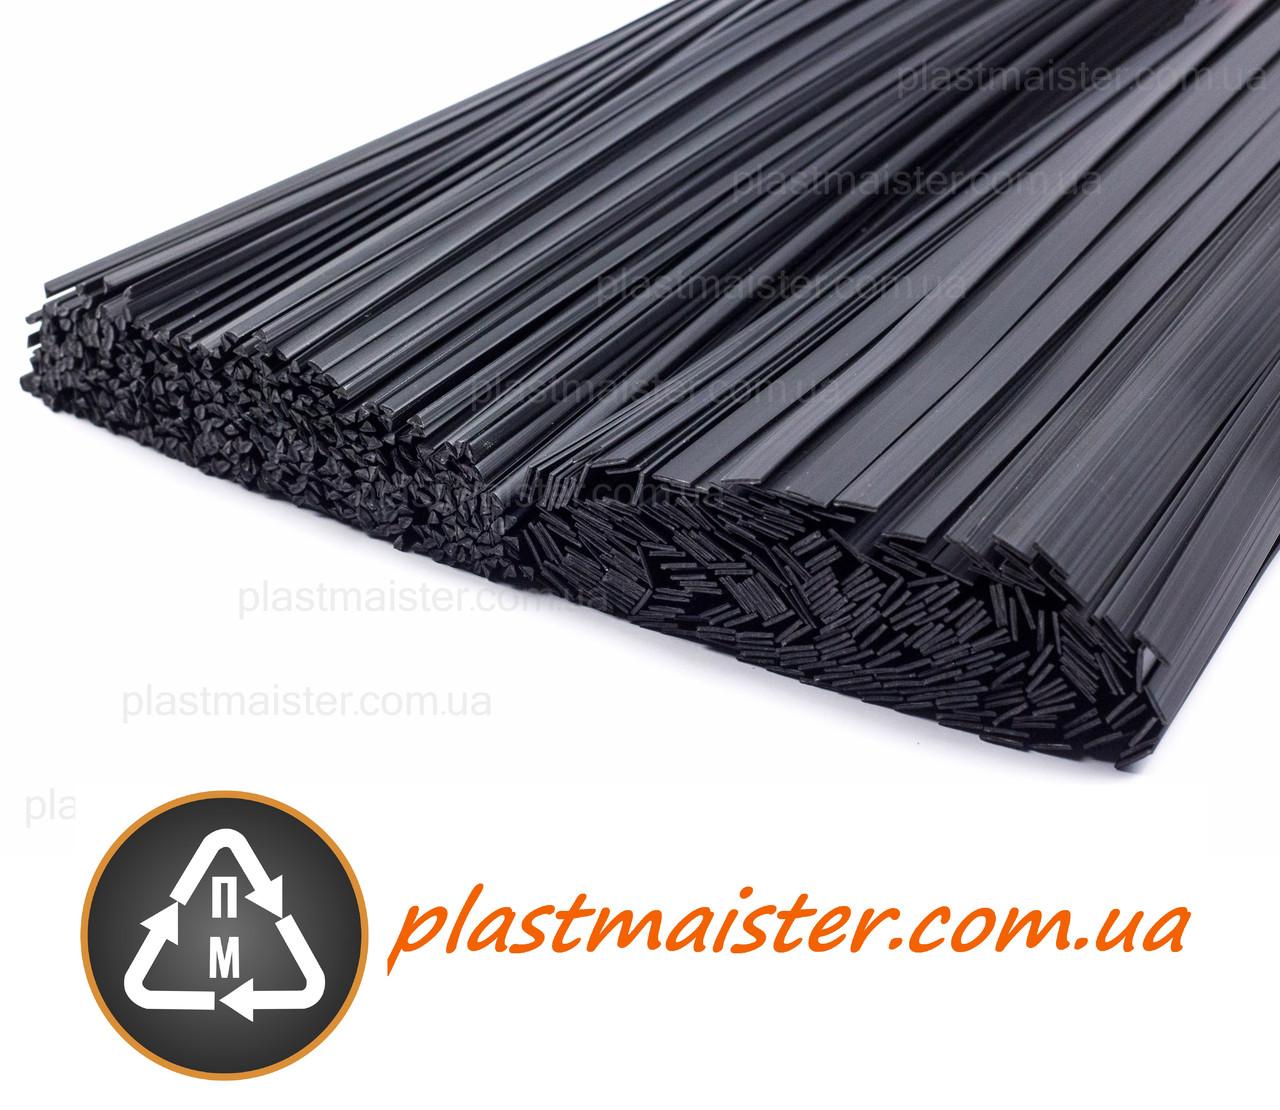 PS - 200 грам - полістирол - прутки для зварювання (пайки) пластика